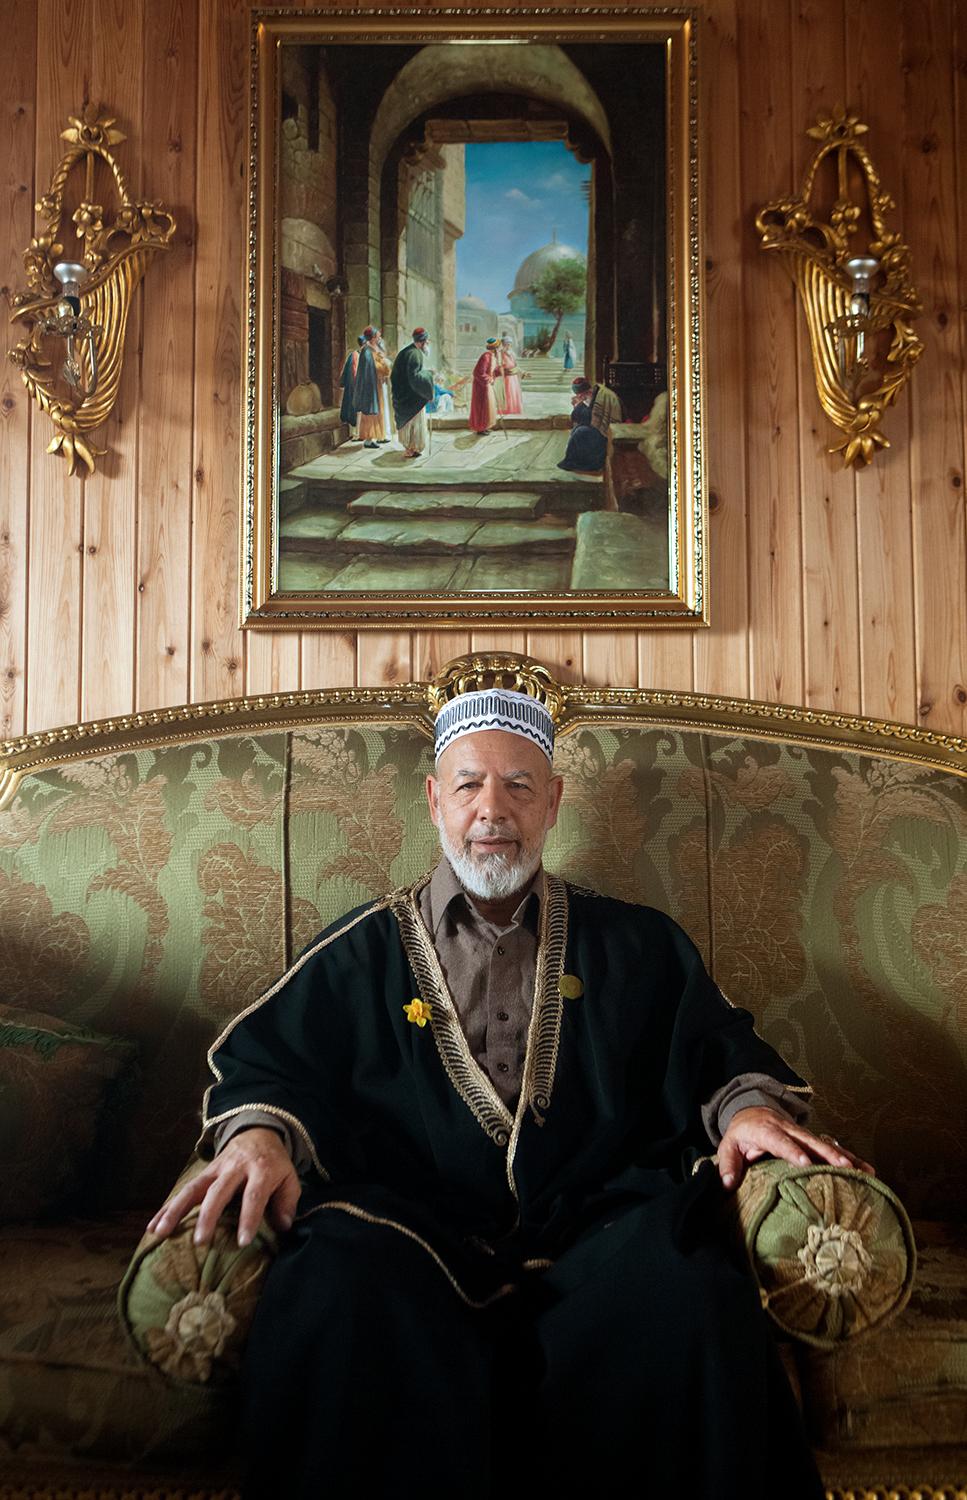 Sheikh Abdul Aziz Bukhari / Jerusalem 2010